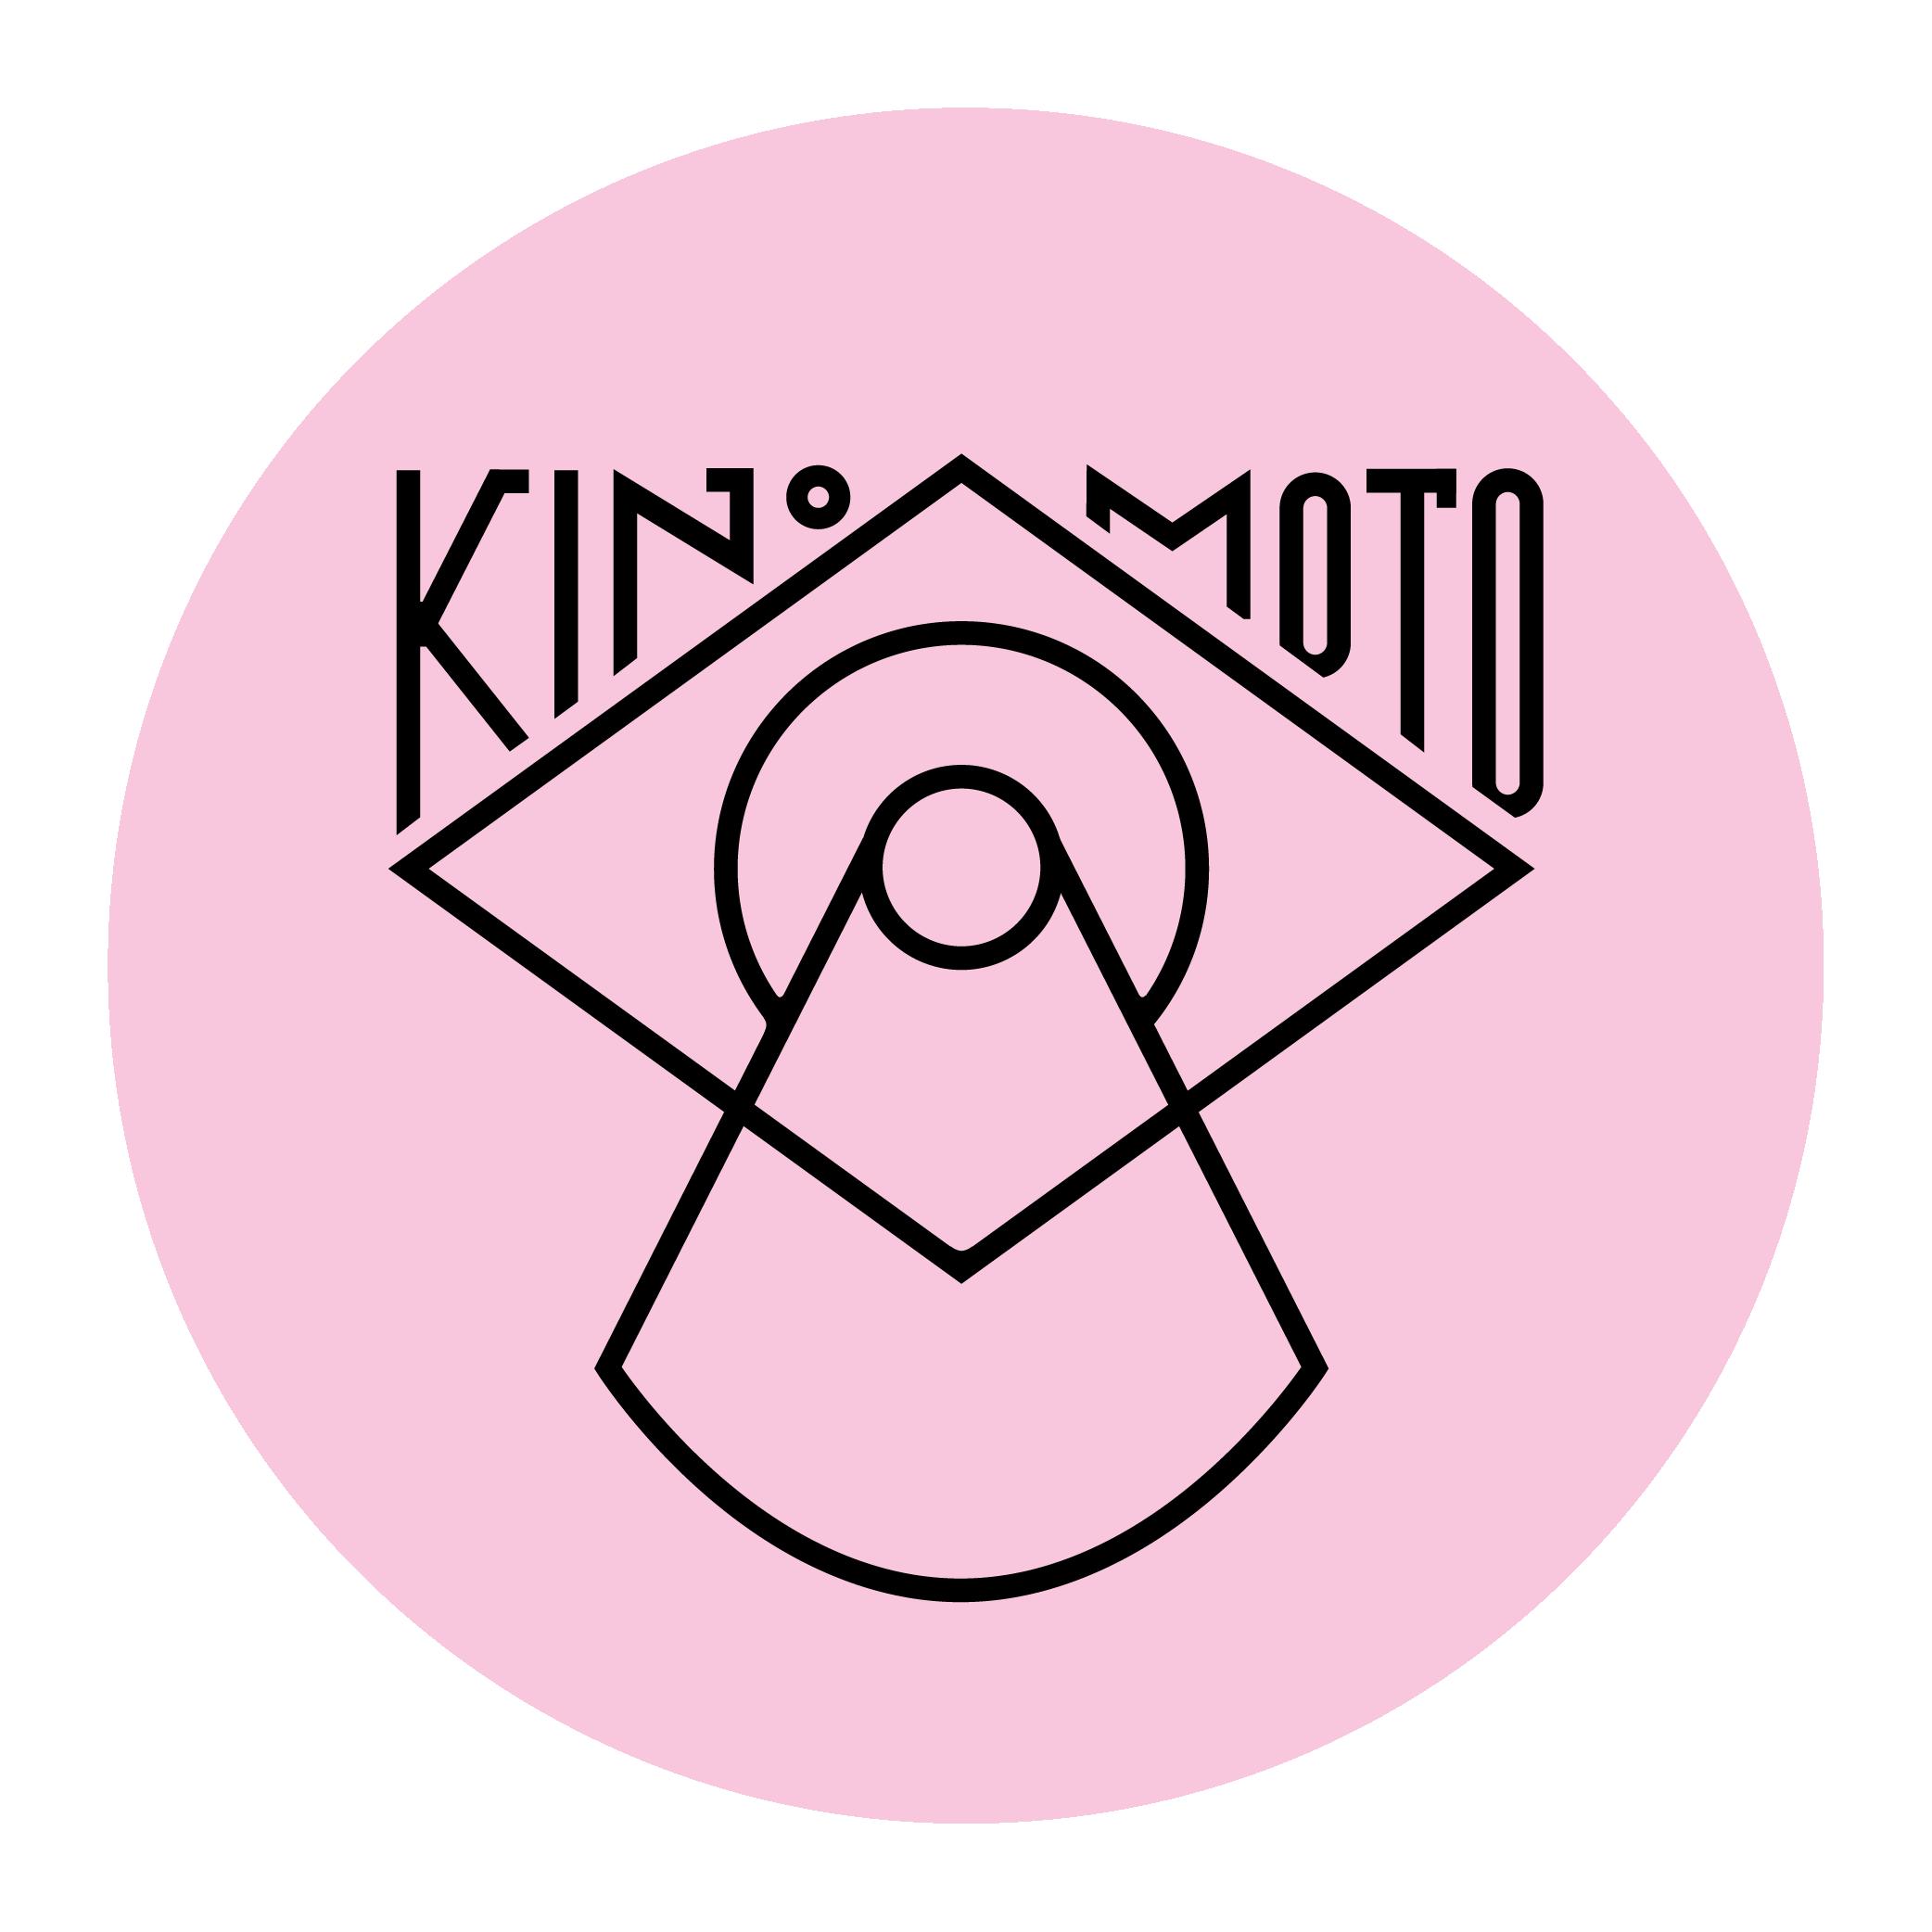 Kinomoto